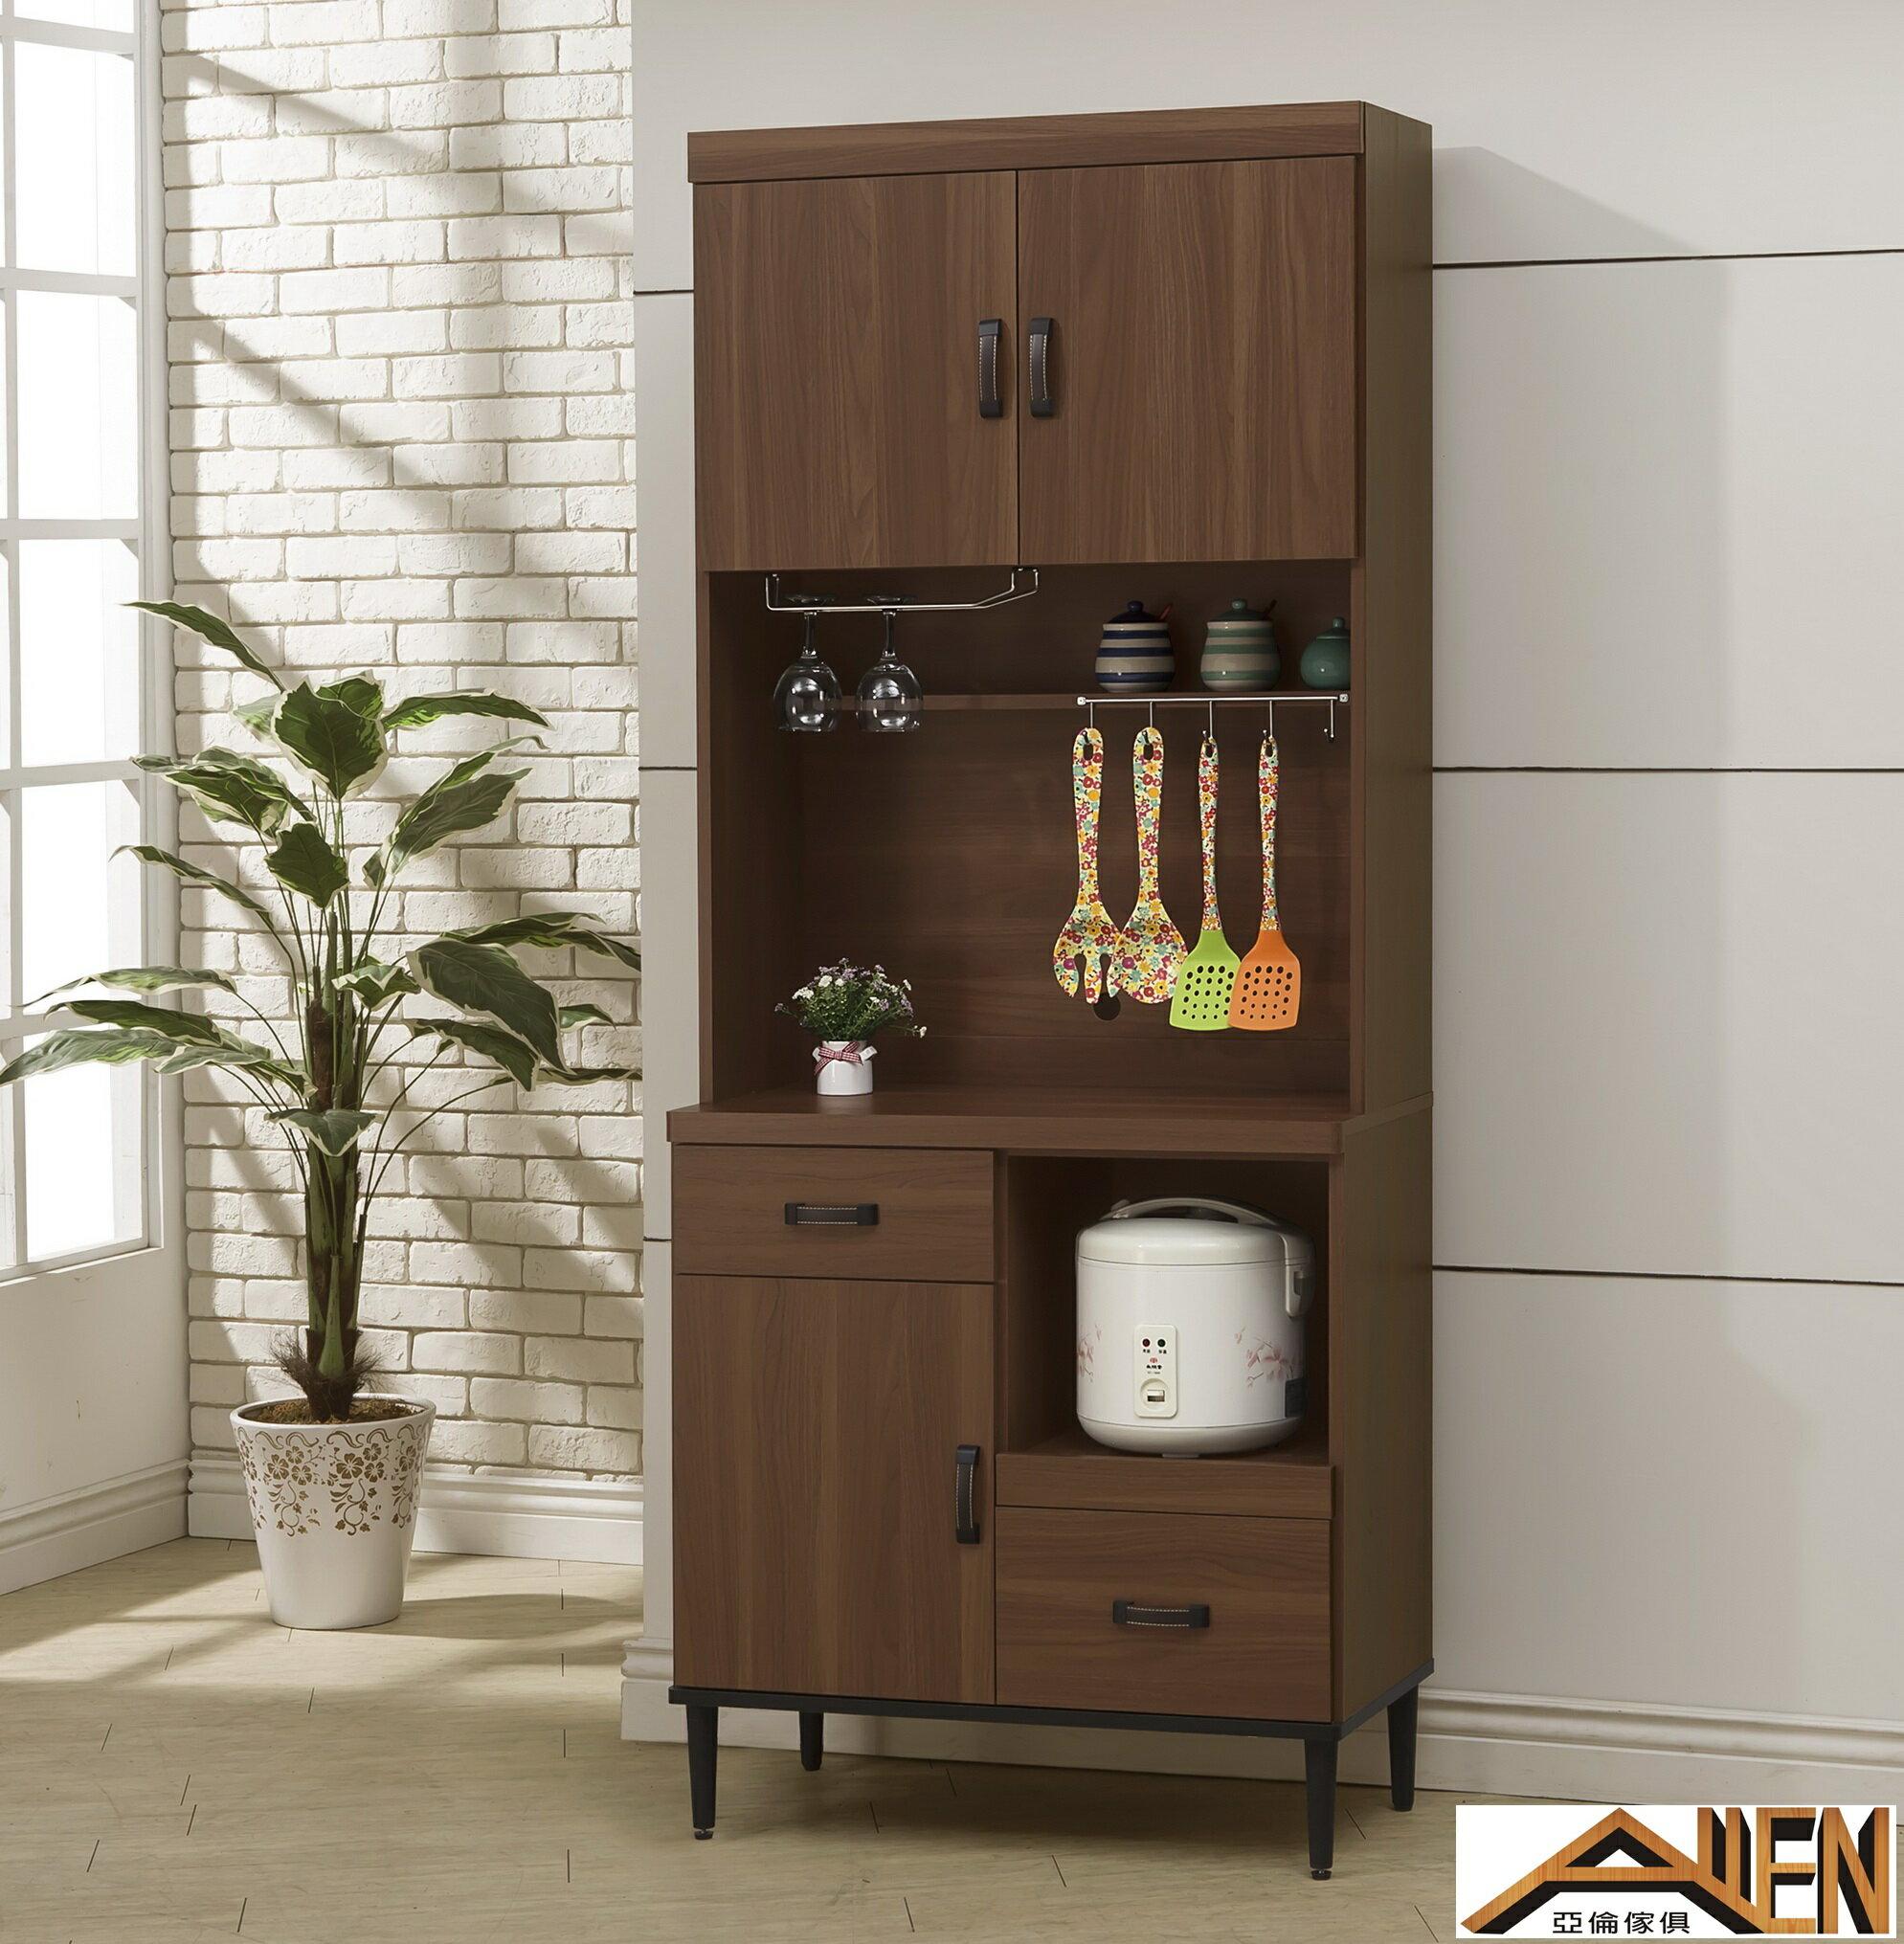 亞倫傢俱*亞當斯立體木紋單門碗盤櫃全組 0